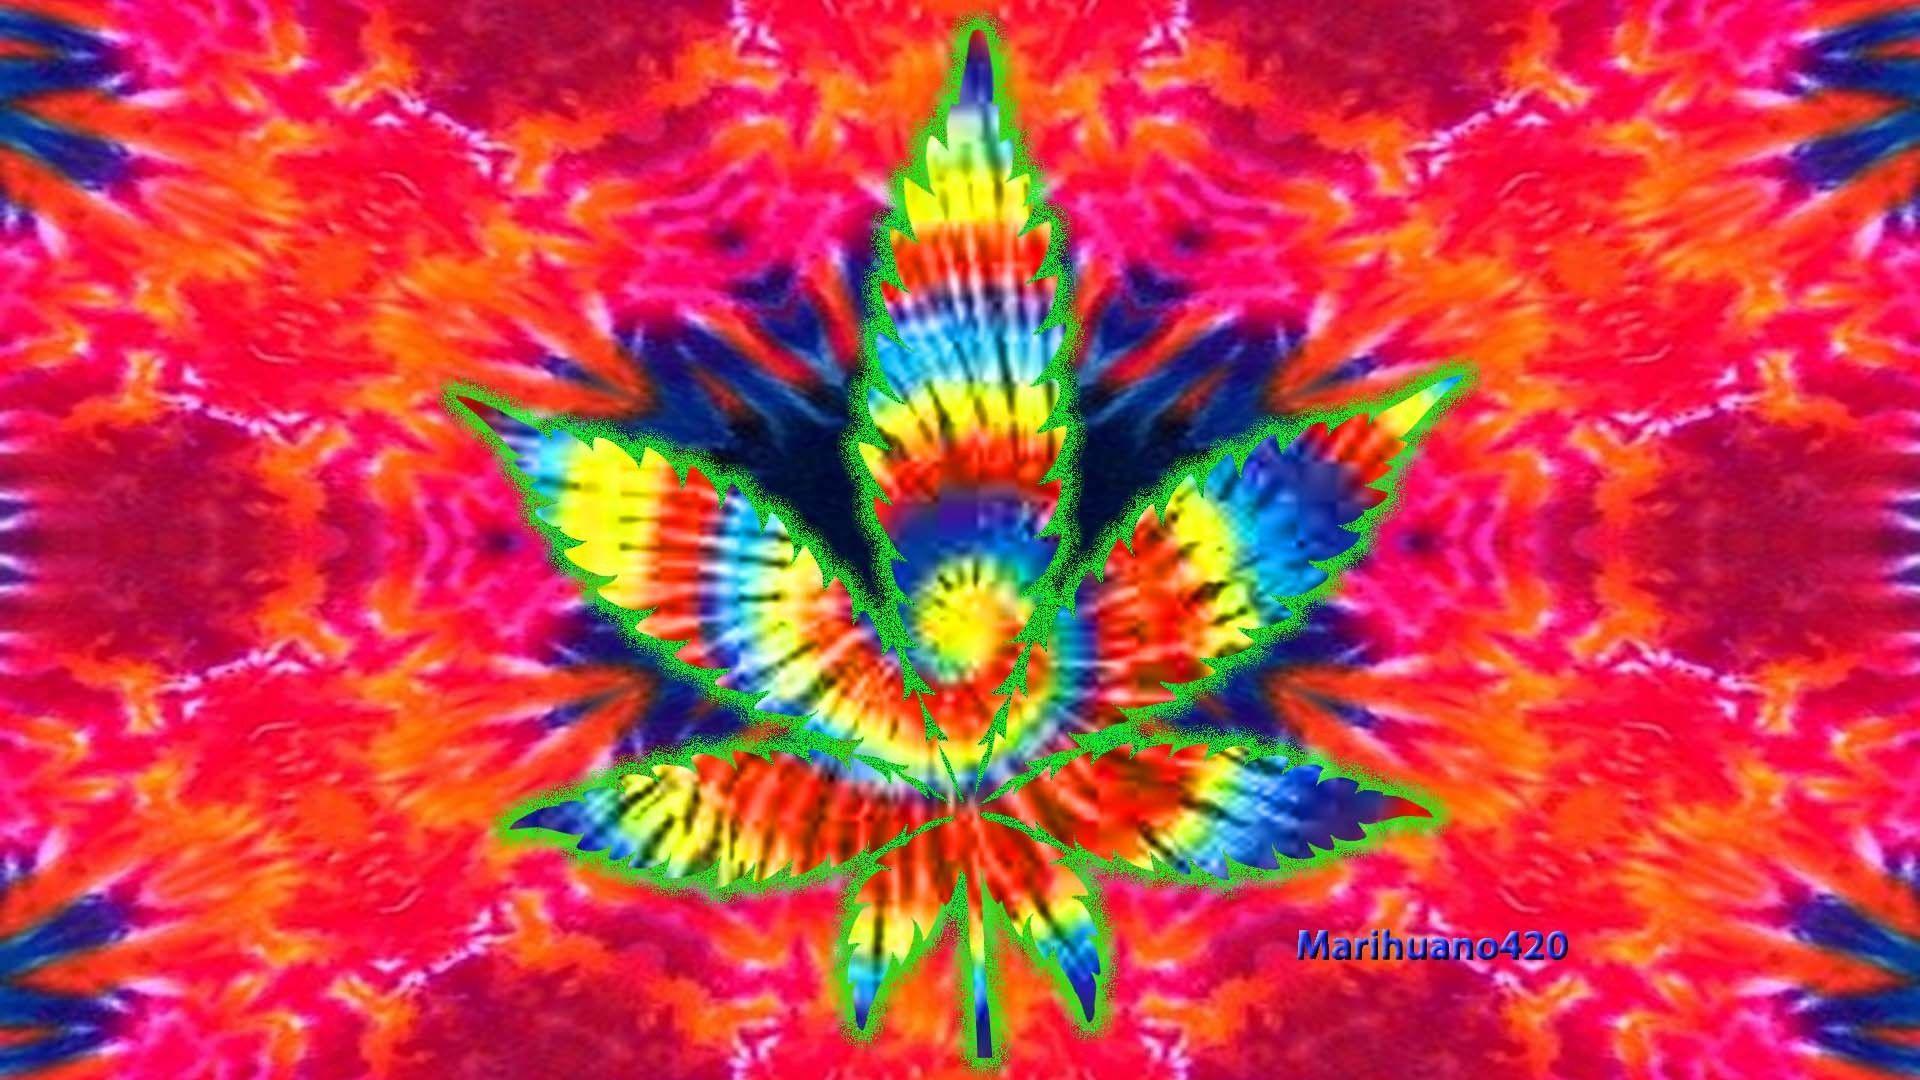 Trippy Hippie Wallpaper 1